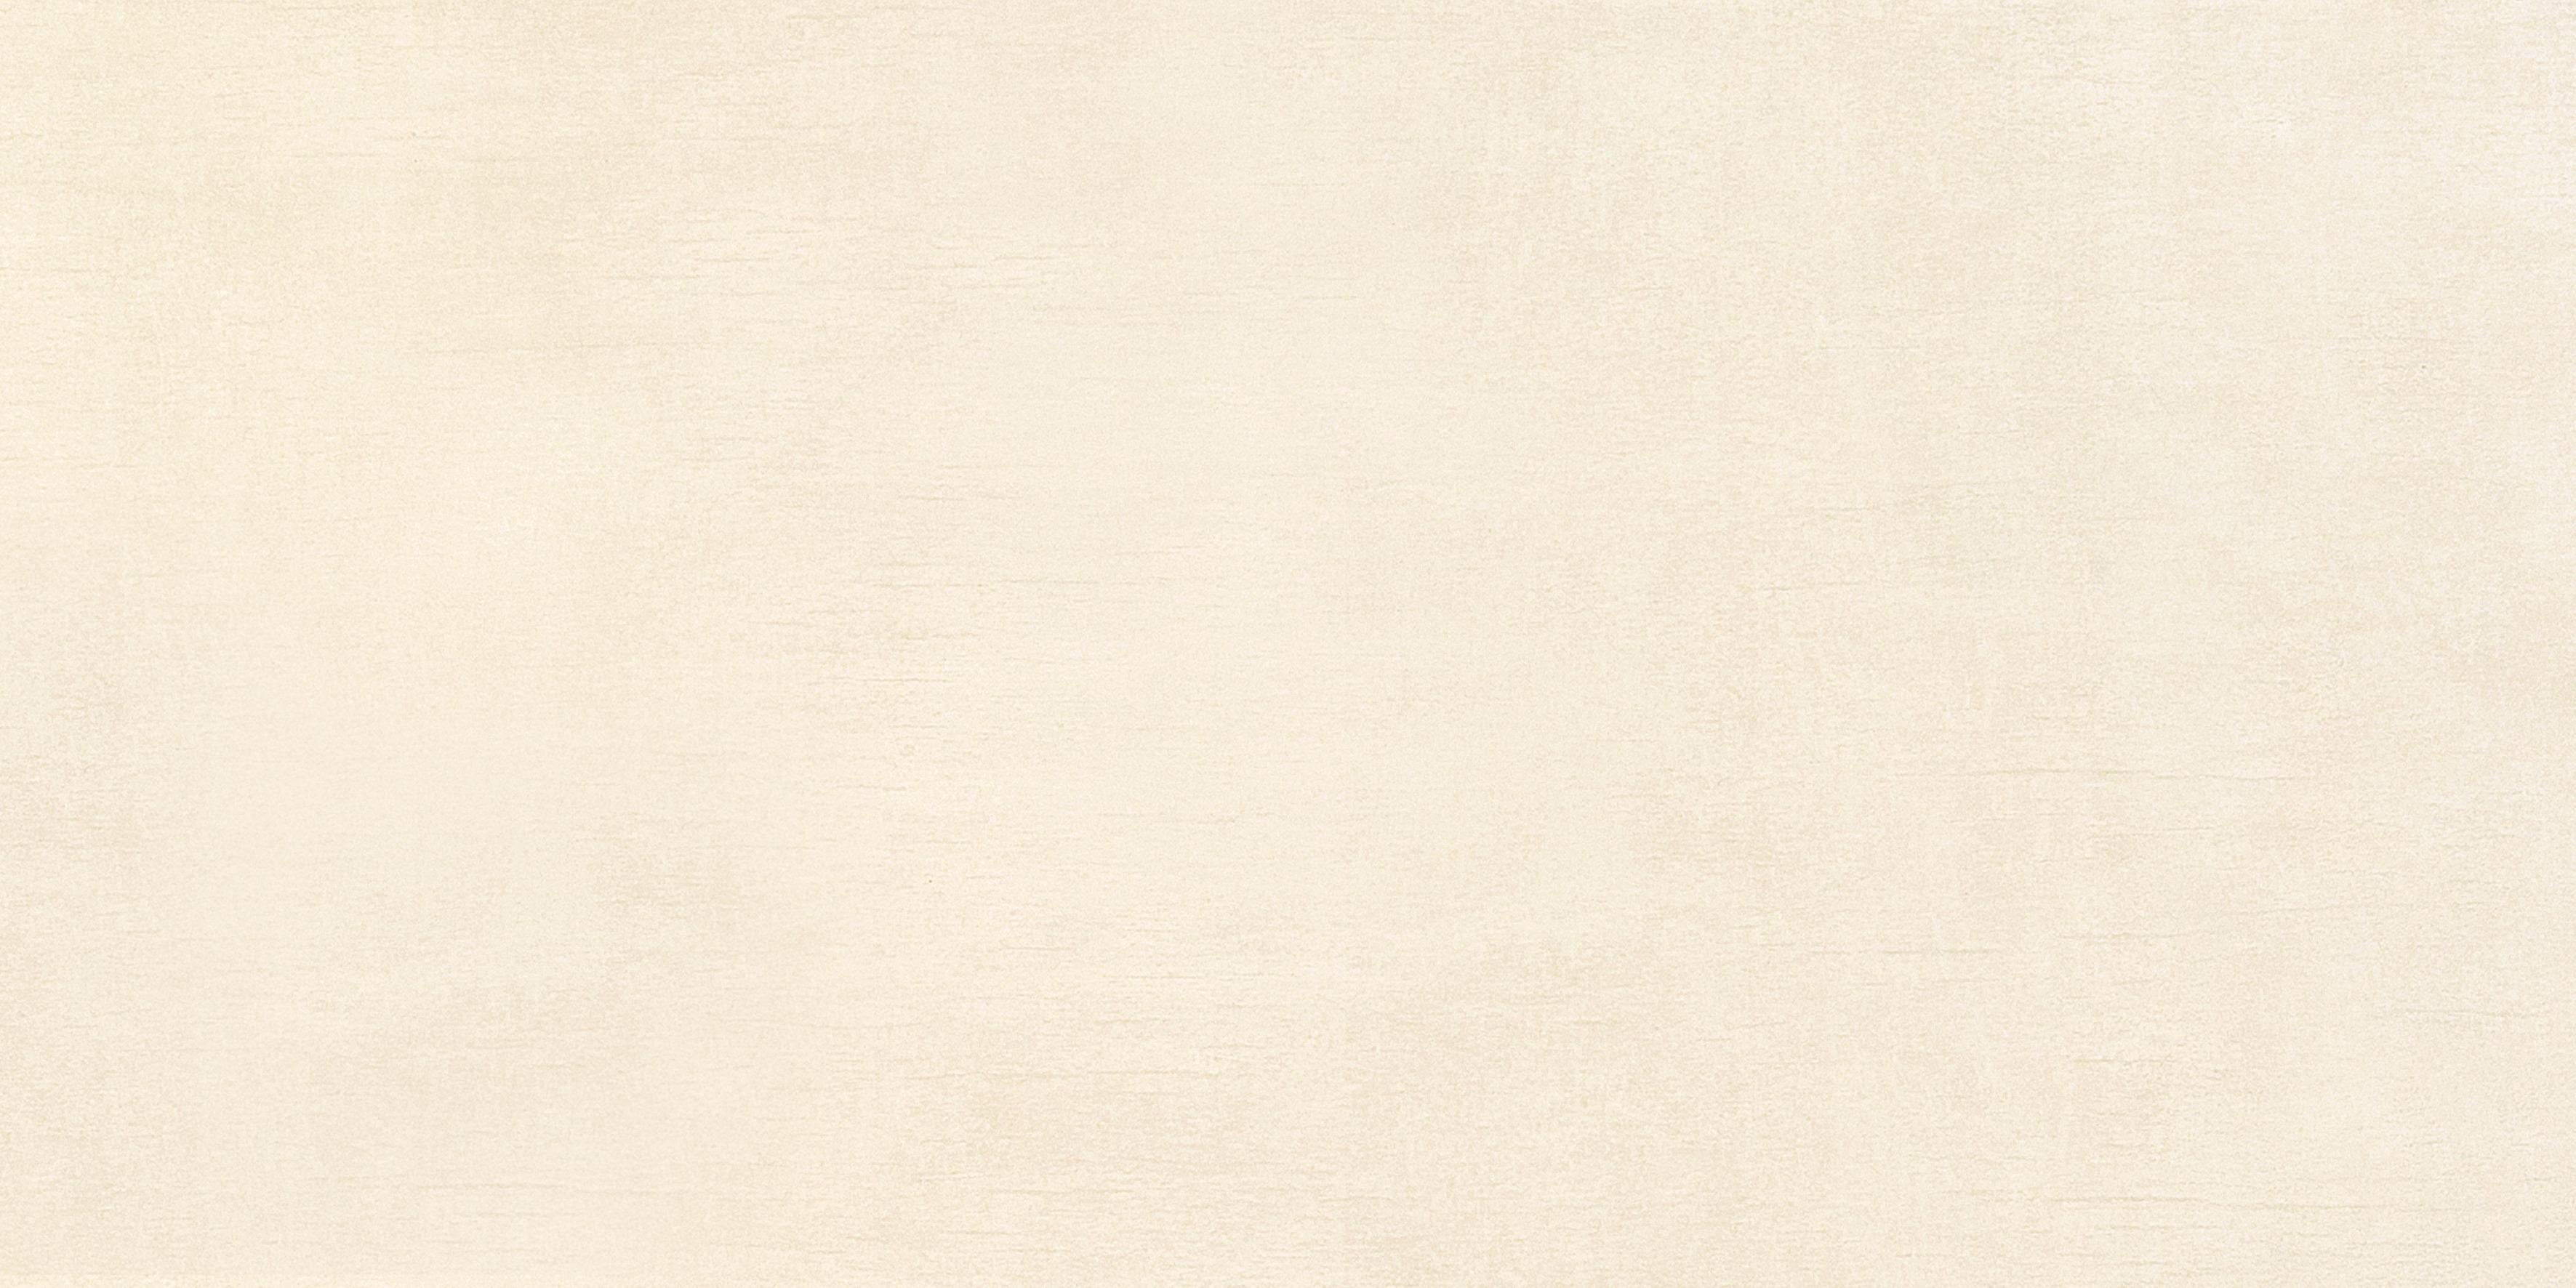 Agrob Buchtal Cedra Wand BEIGE MATT 281727 Wandfliese 30x60 glasiert